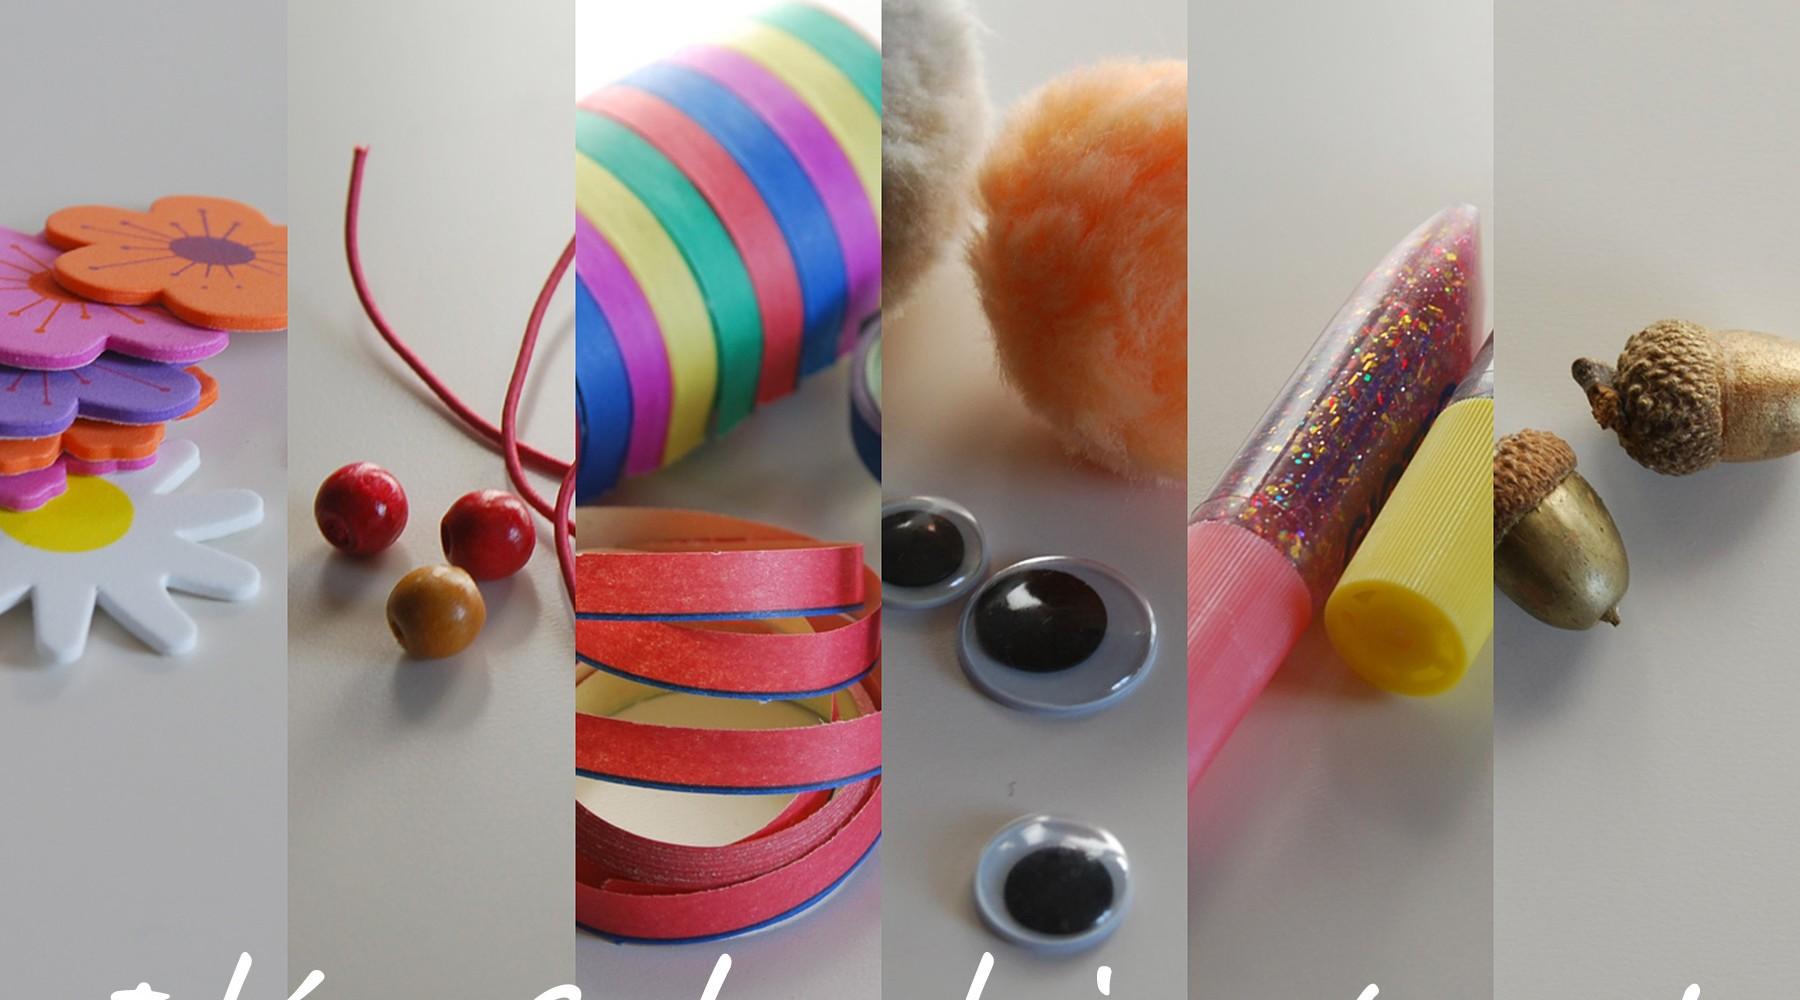 Comment Faire Un Calendrier Fait Maison 27 idées pour remplir son calendrier de l'avent - papier bonbon